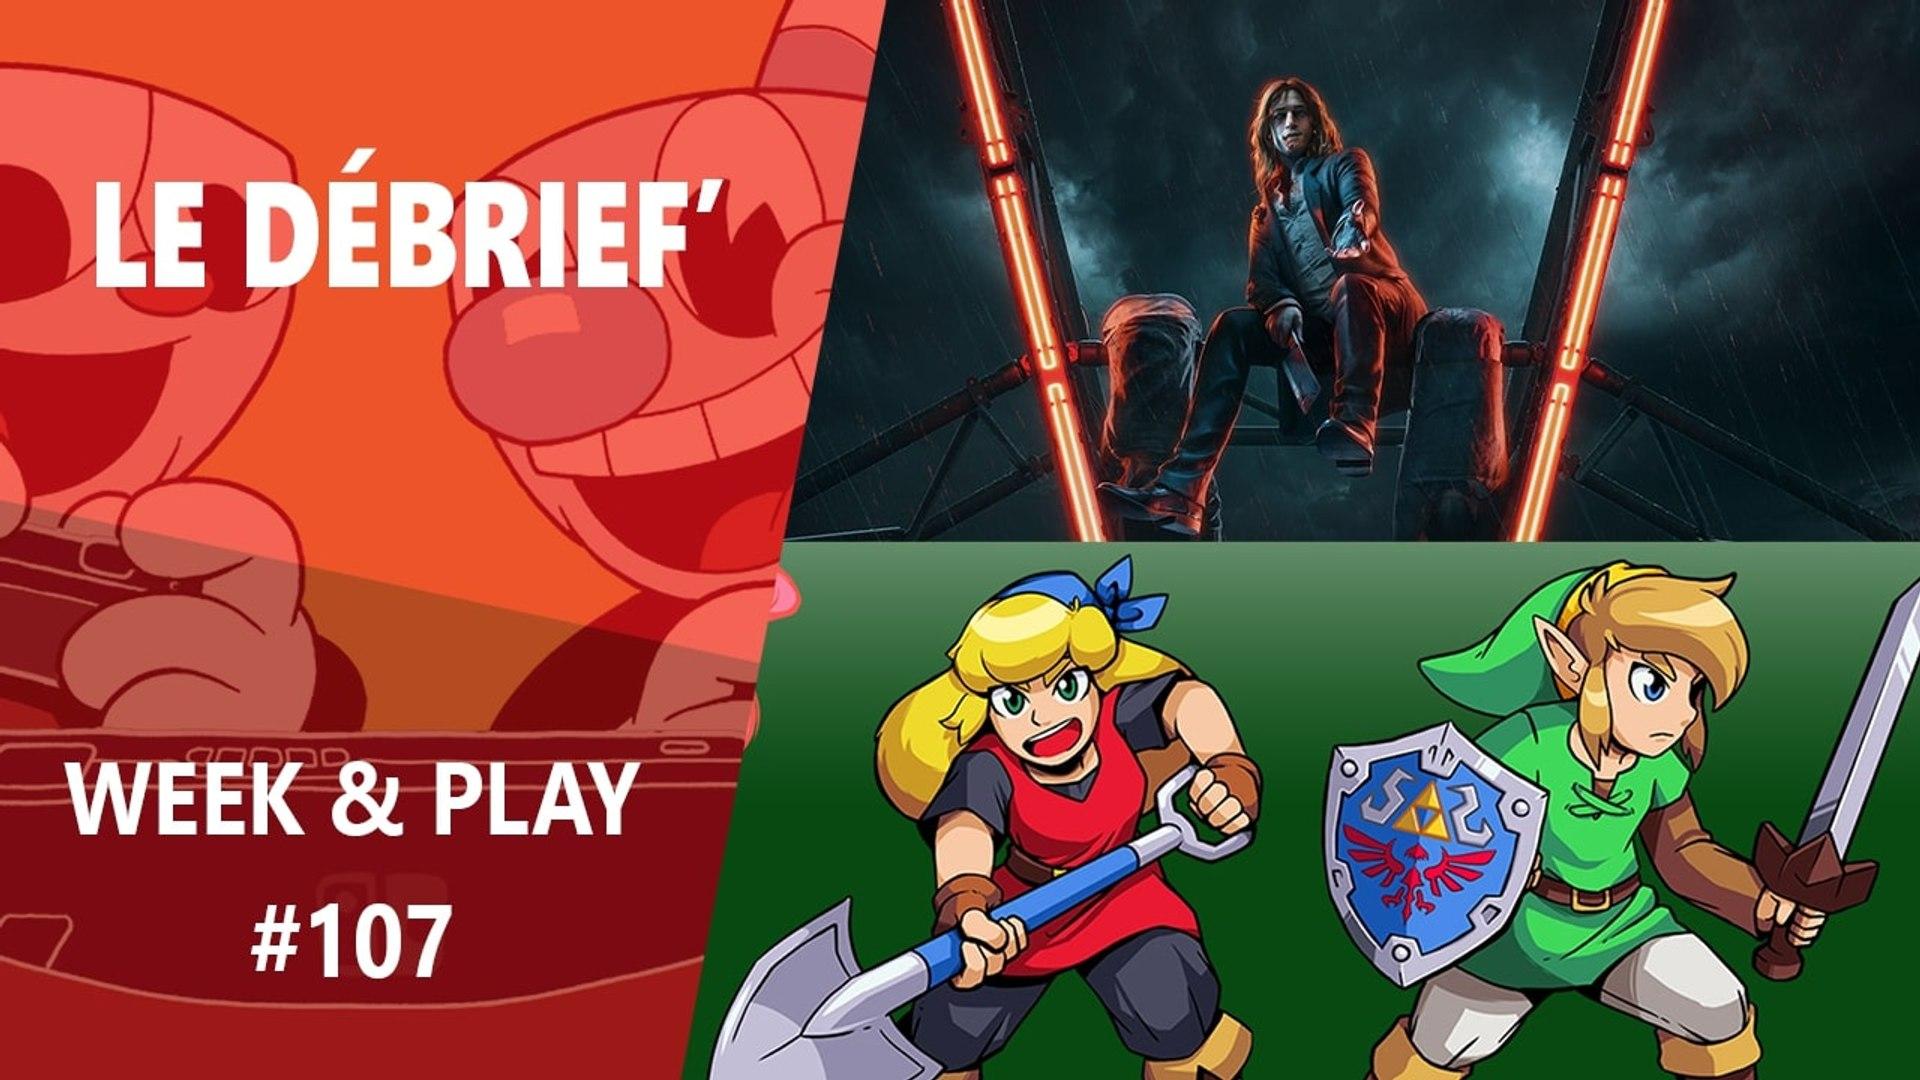 Débrief' : Cuphead sur Switch, Quantic Dream sur PC, Bloodlines 2, et Cyberpunk 2077